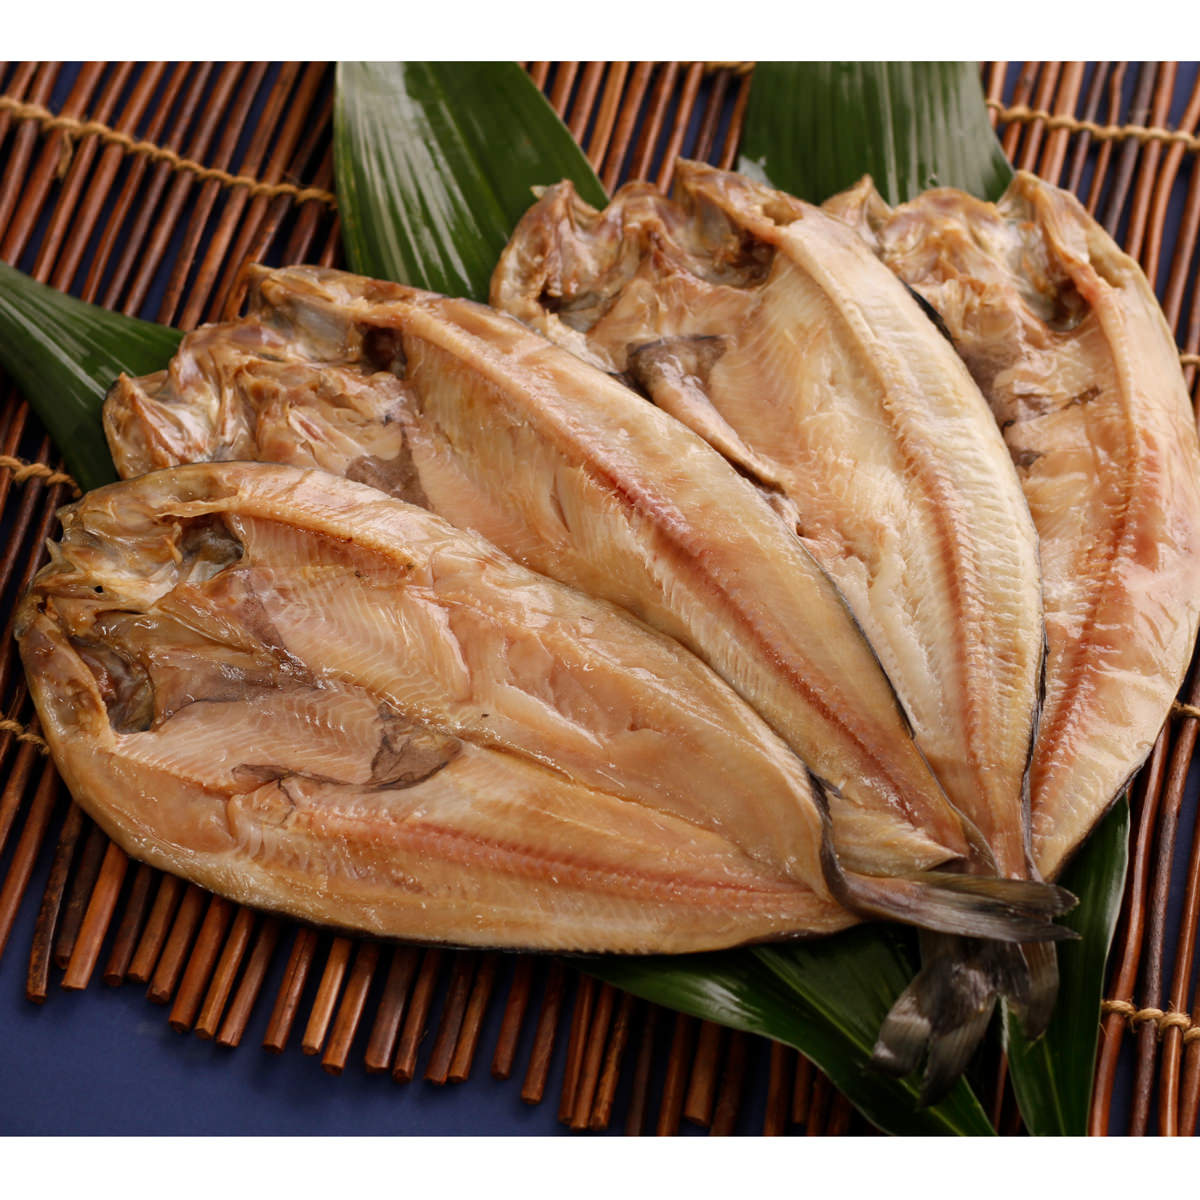 北海道産 ホッケ 400g ホッケの干物 ほっけ 北海道 海鮮 ホッケの開き干し ひもの 冷凍 魚 干物